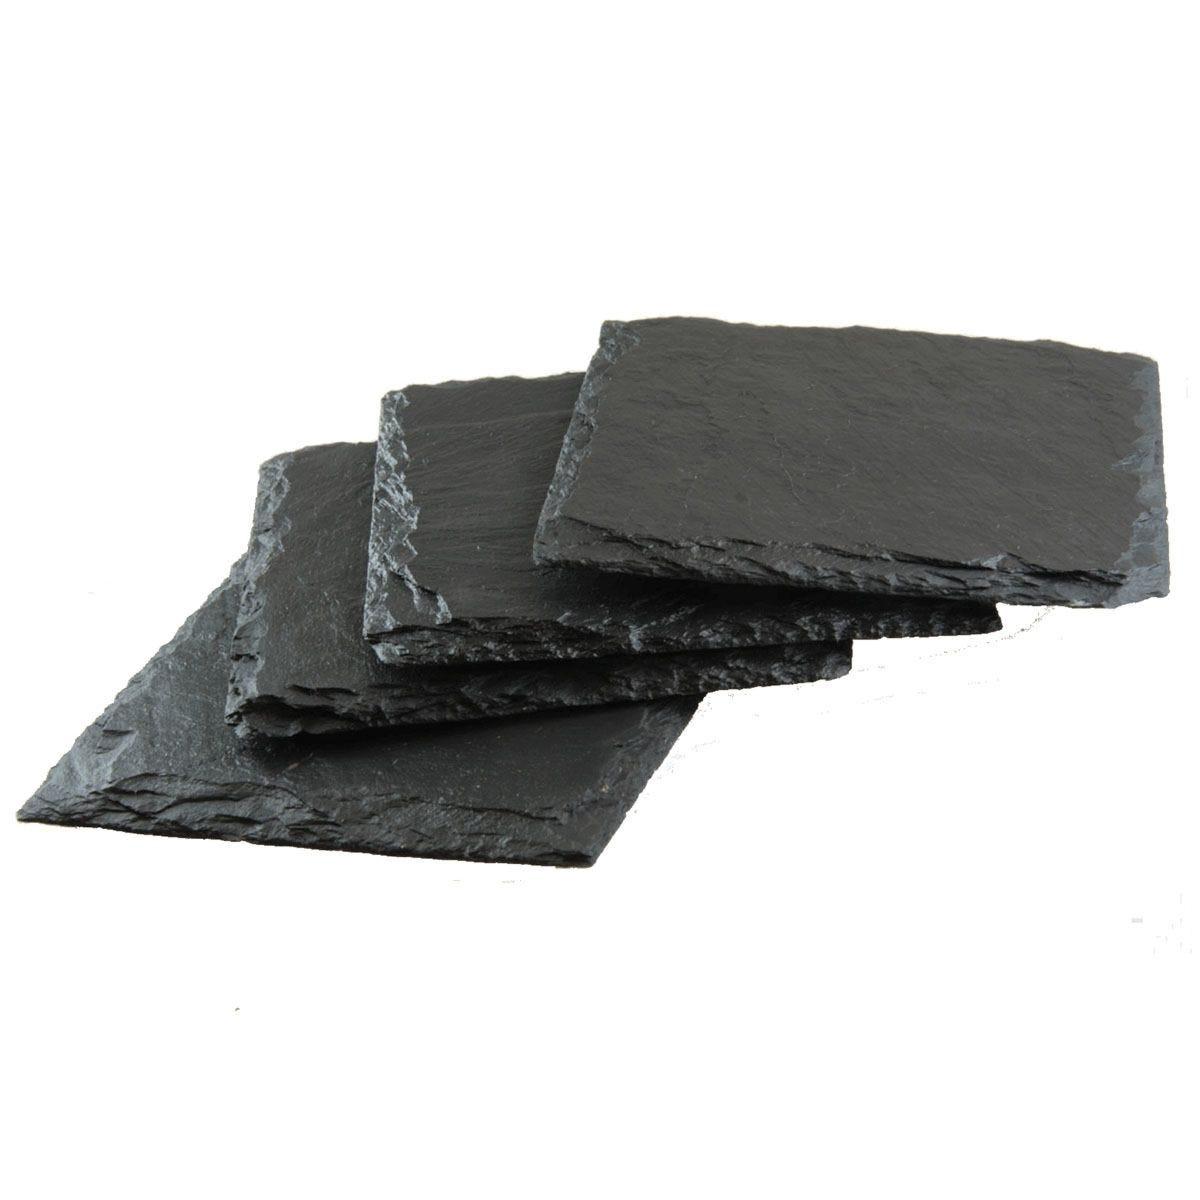 Apollo Slate Coasters - 4 Pack